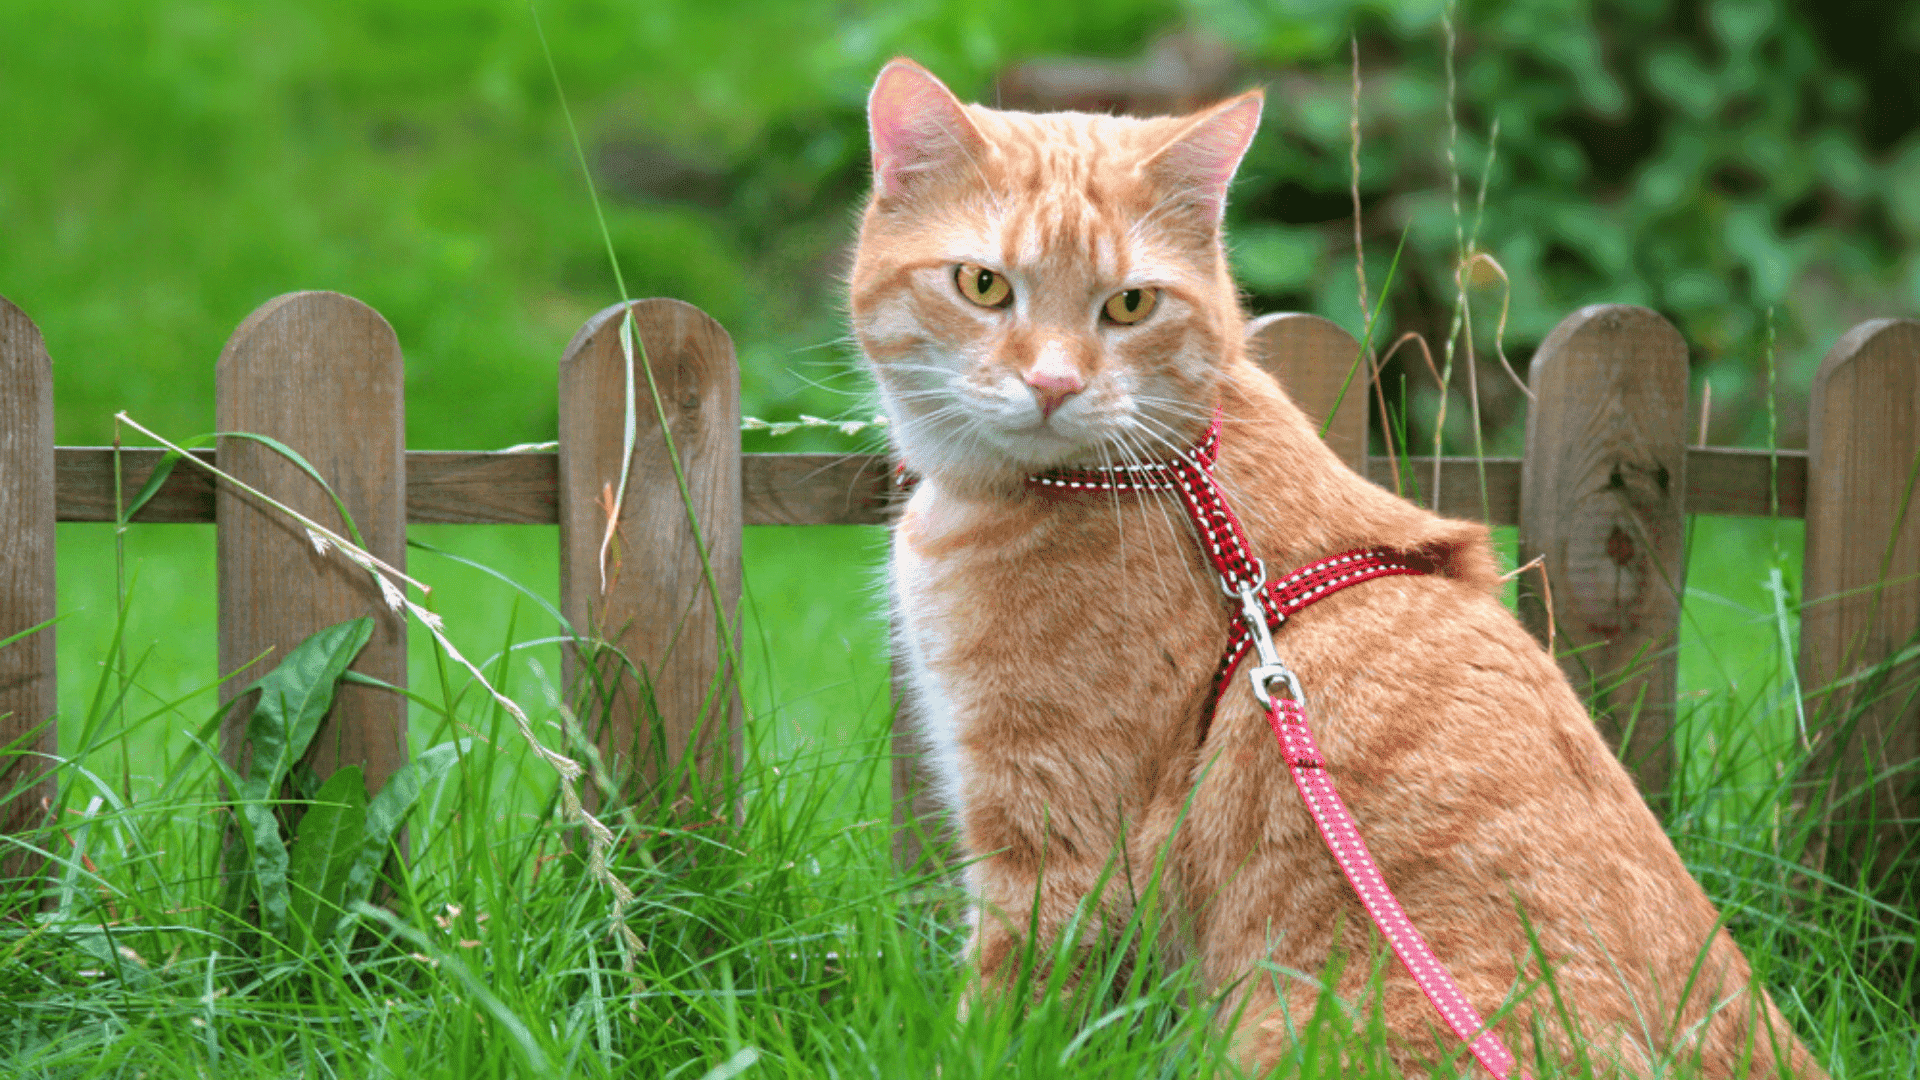 Coleira peitoral para gato (Imagem: Reprodução/Shutterstock)